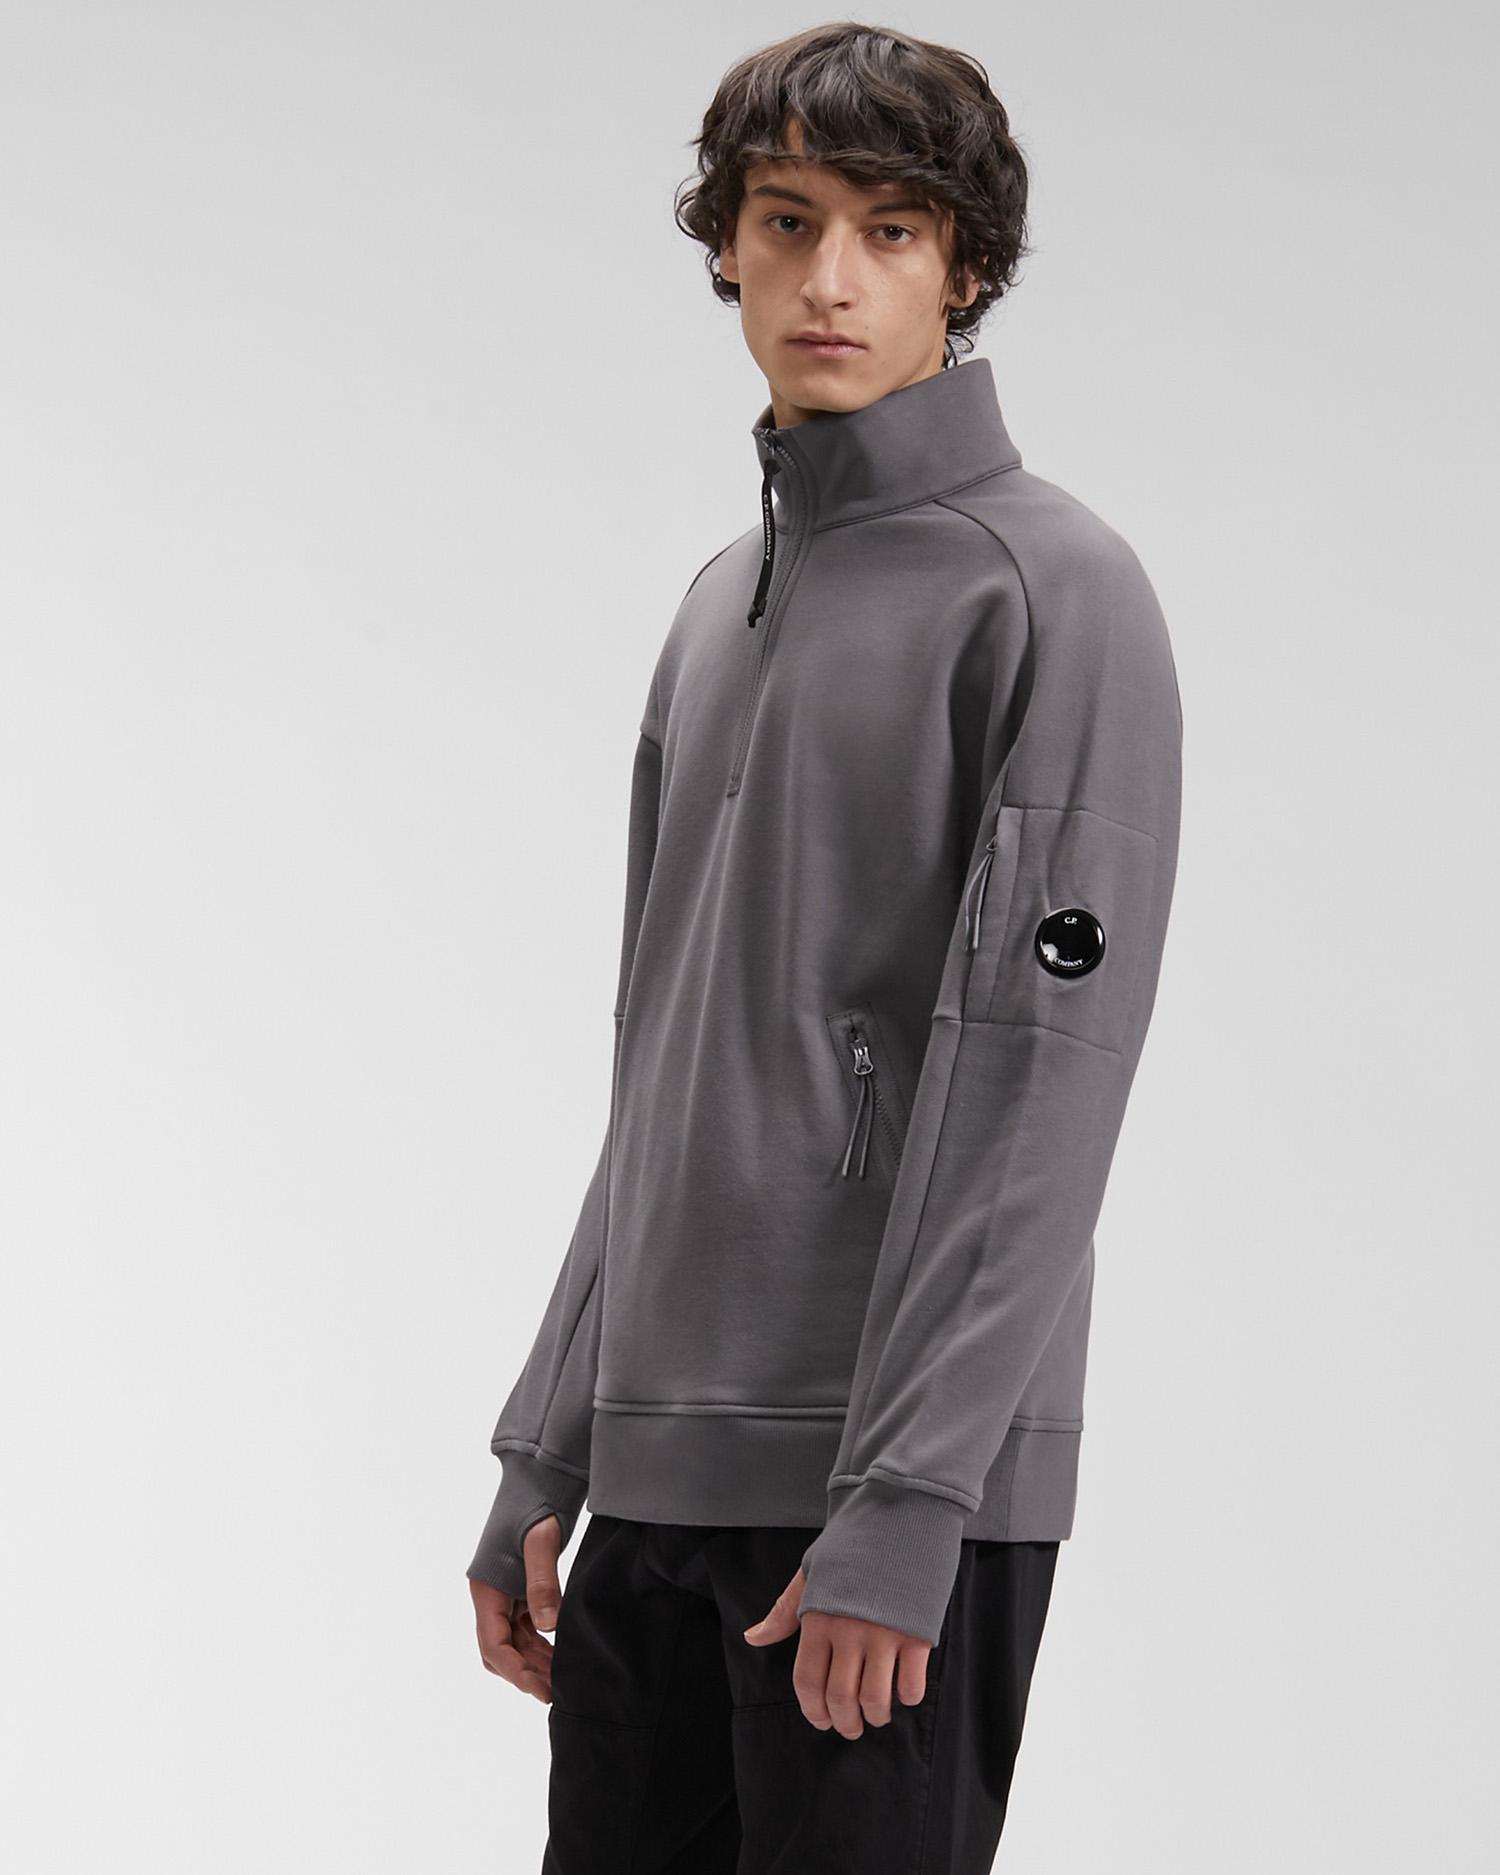 Diagonal Raised Fleece Quarter Zip Sweatshirt